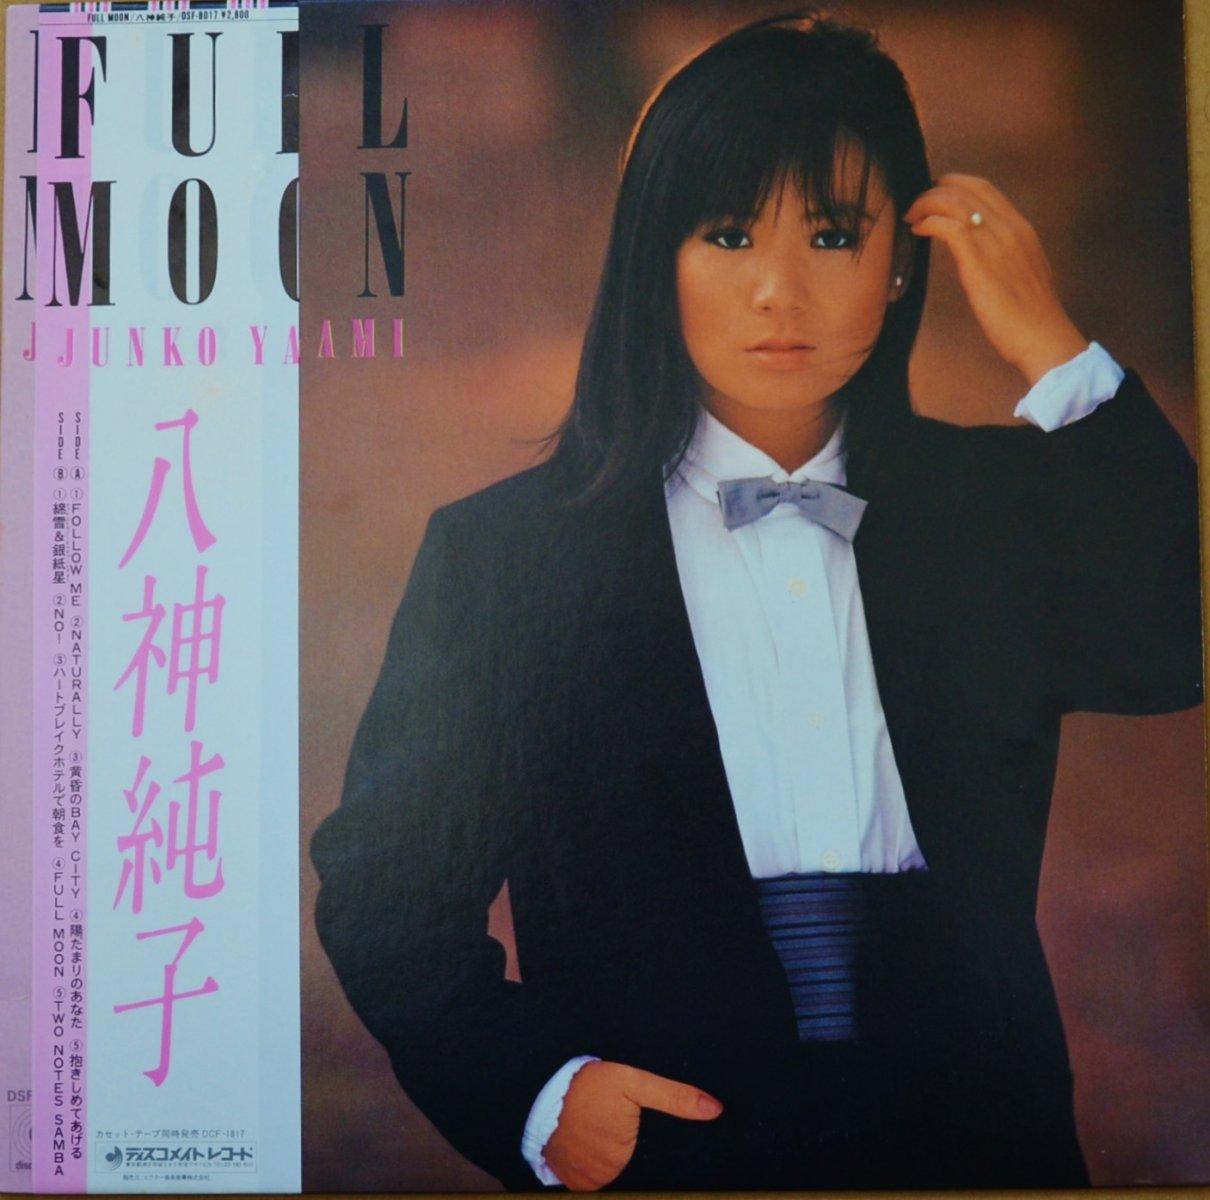 八神純子 JUNKO YAGAMI / フル・ムーン / FULL MOON (LP)